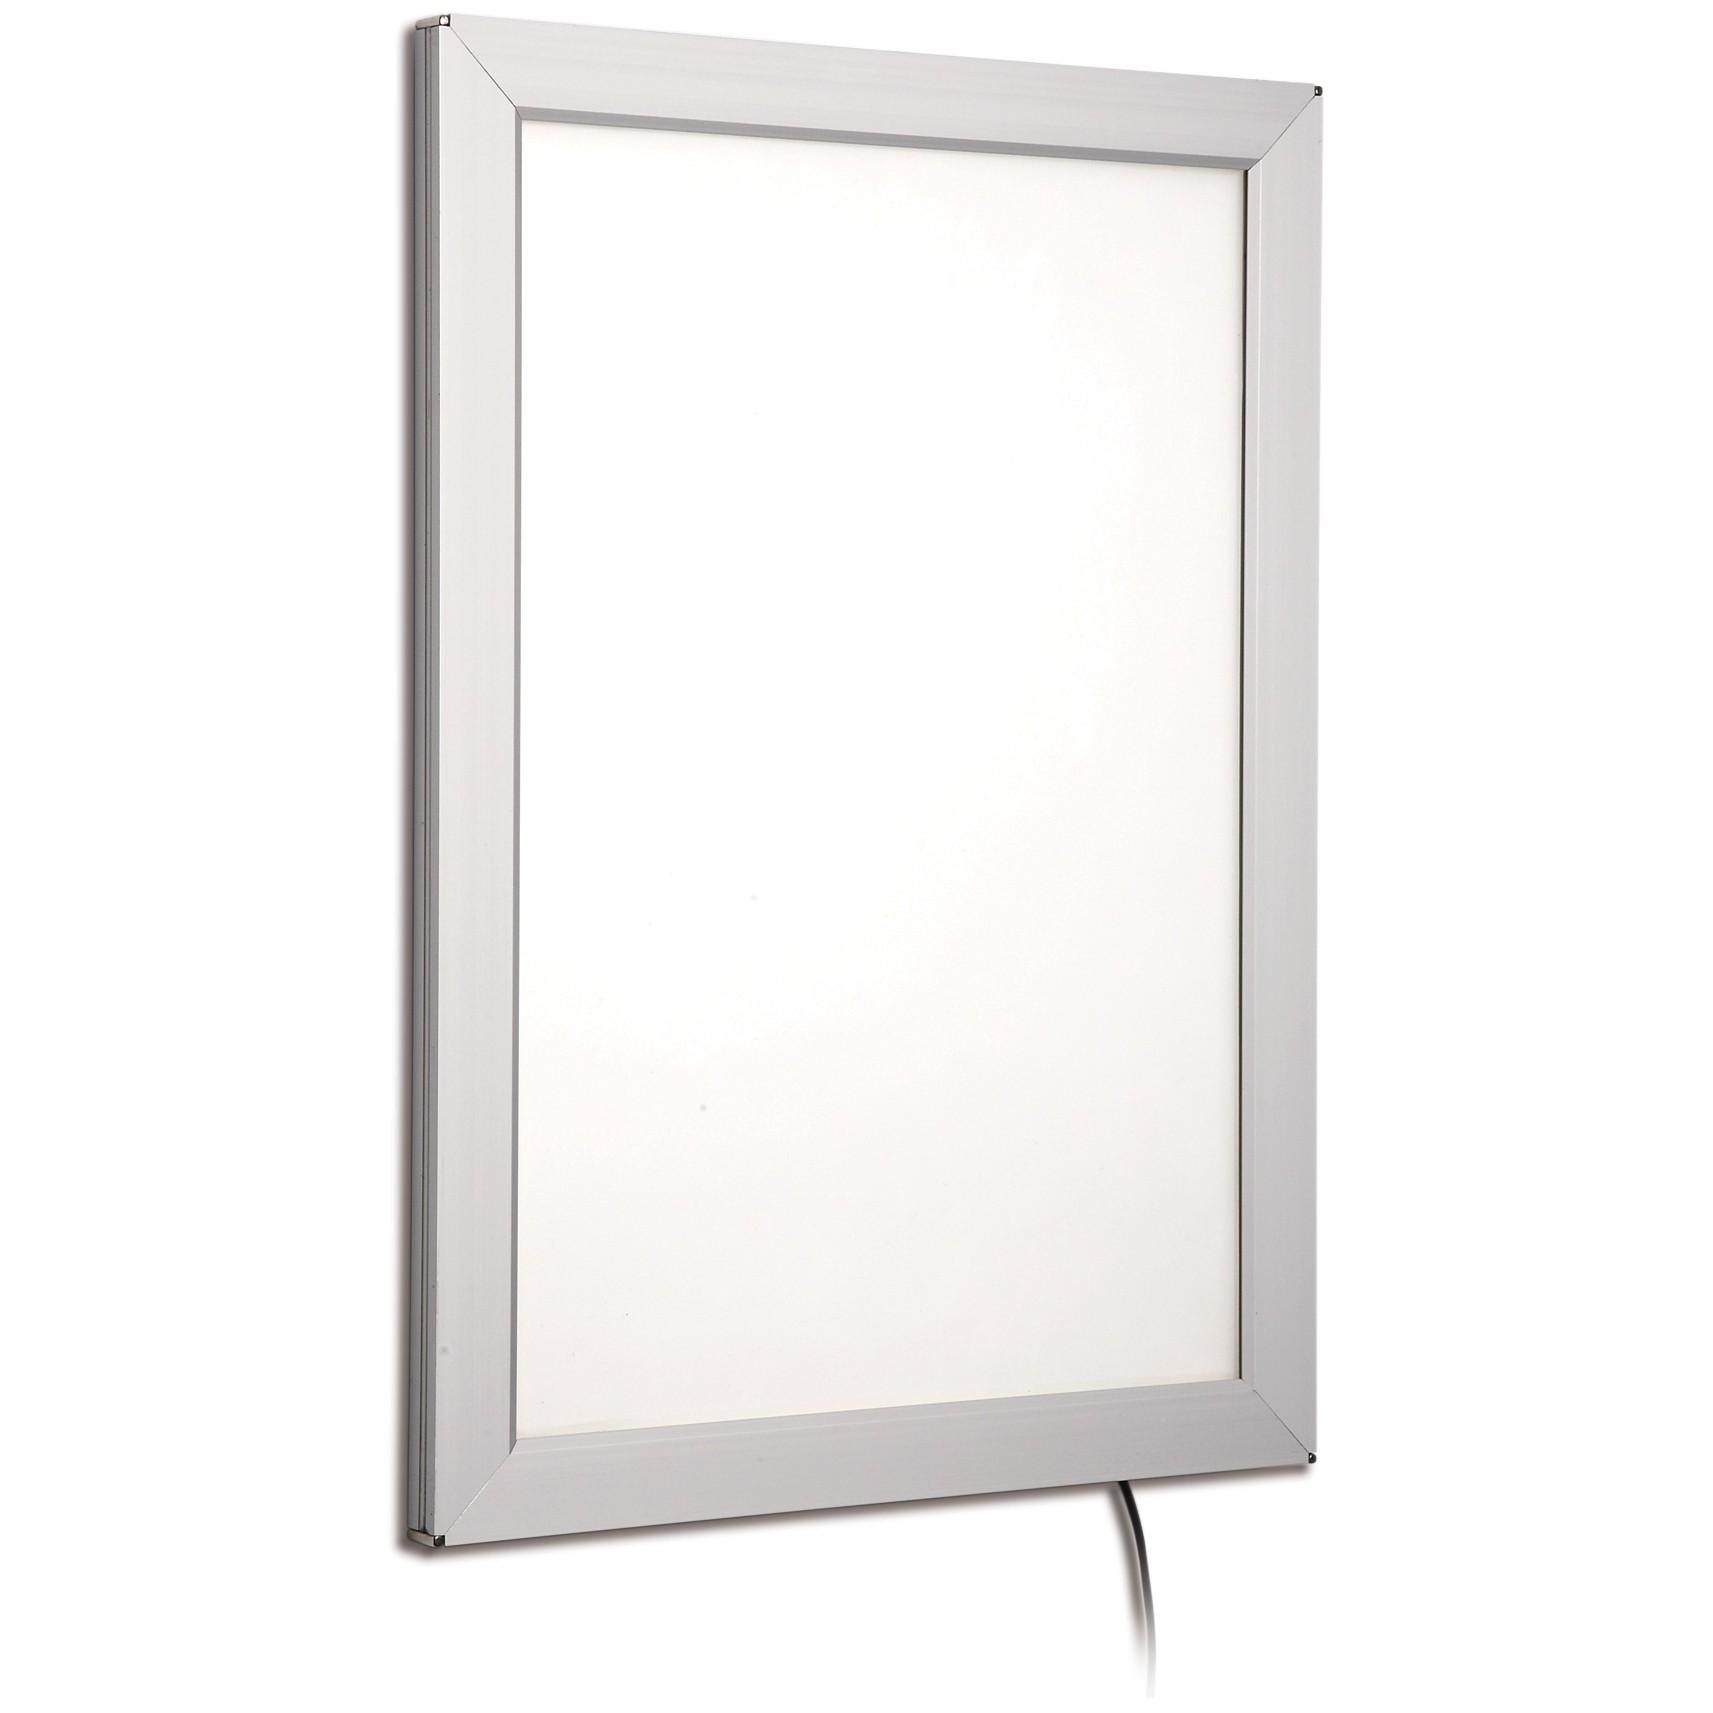 LED Poster Frames — Shedding Light on Your Business - Bugden Signs